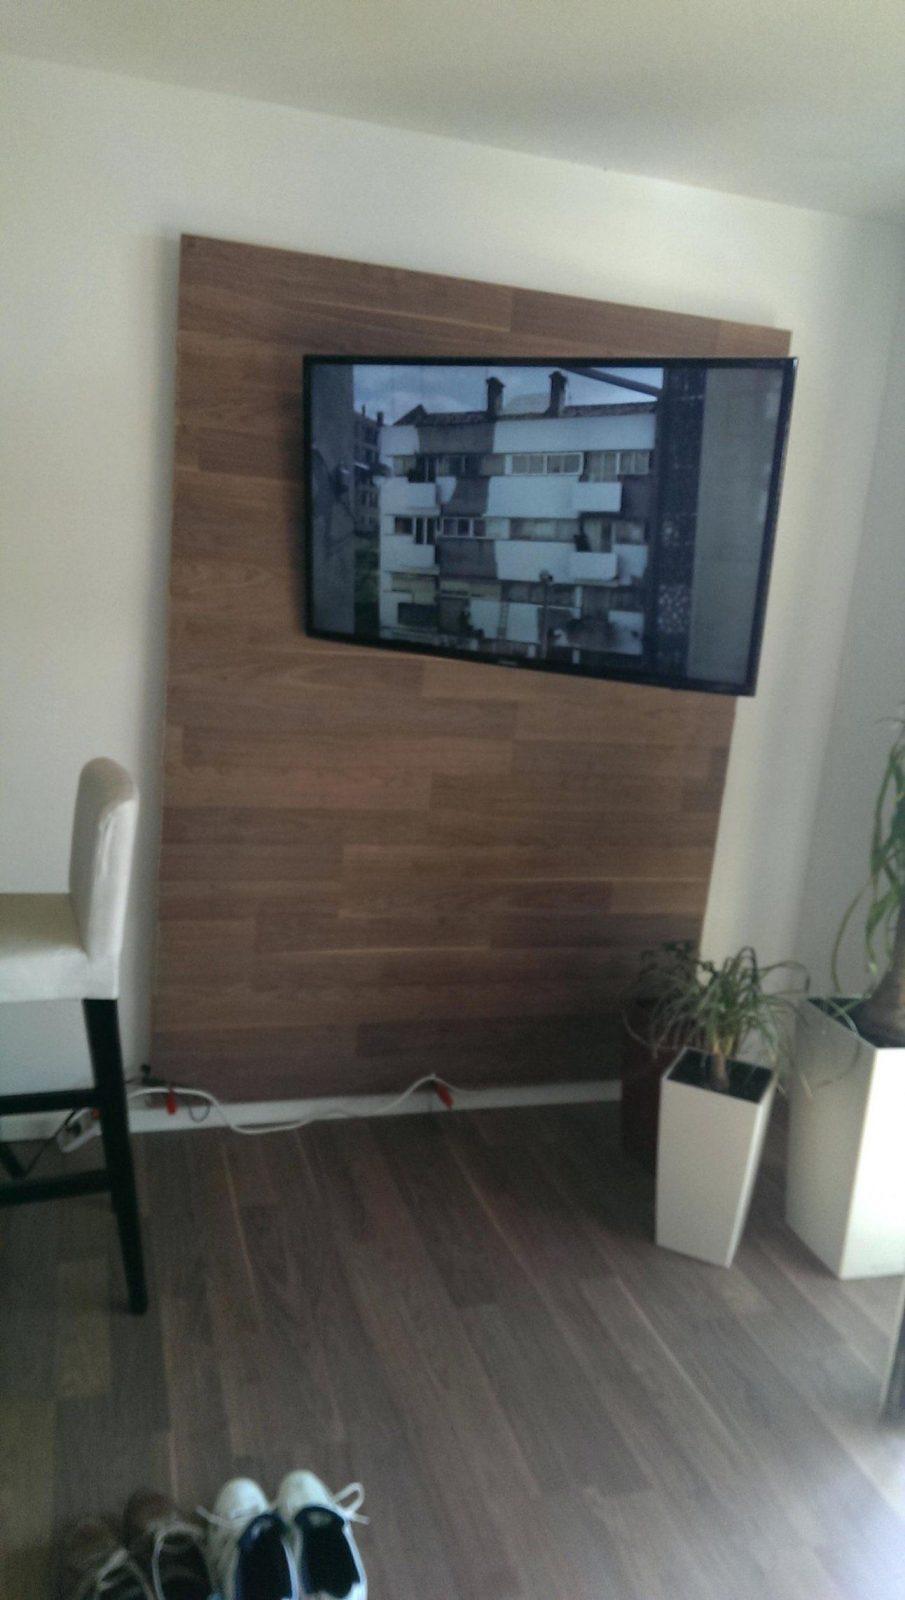 Tv Wand Stein Full Size Of Tolles Fernseher Mit von Fernseher Wand Selber Bauen Photo